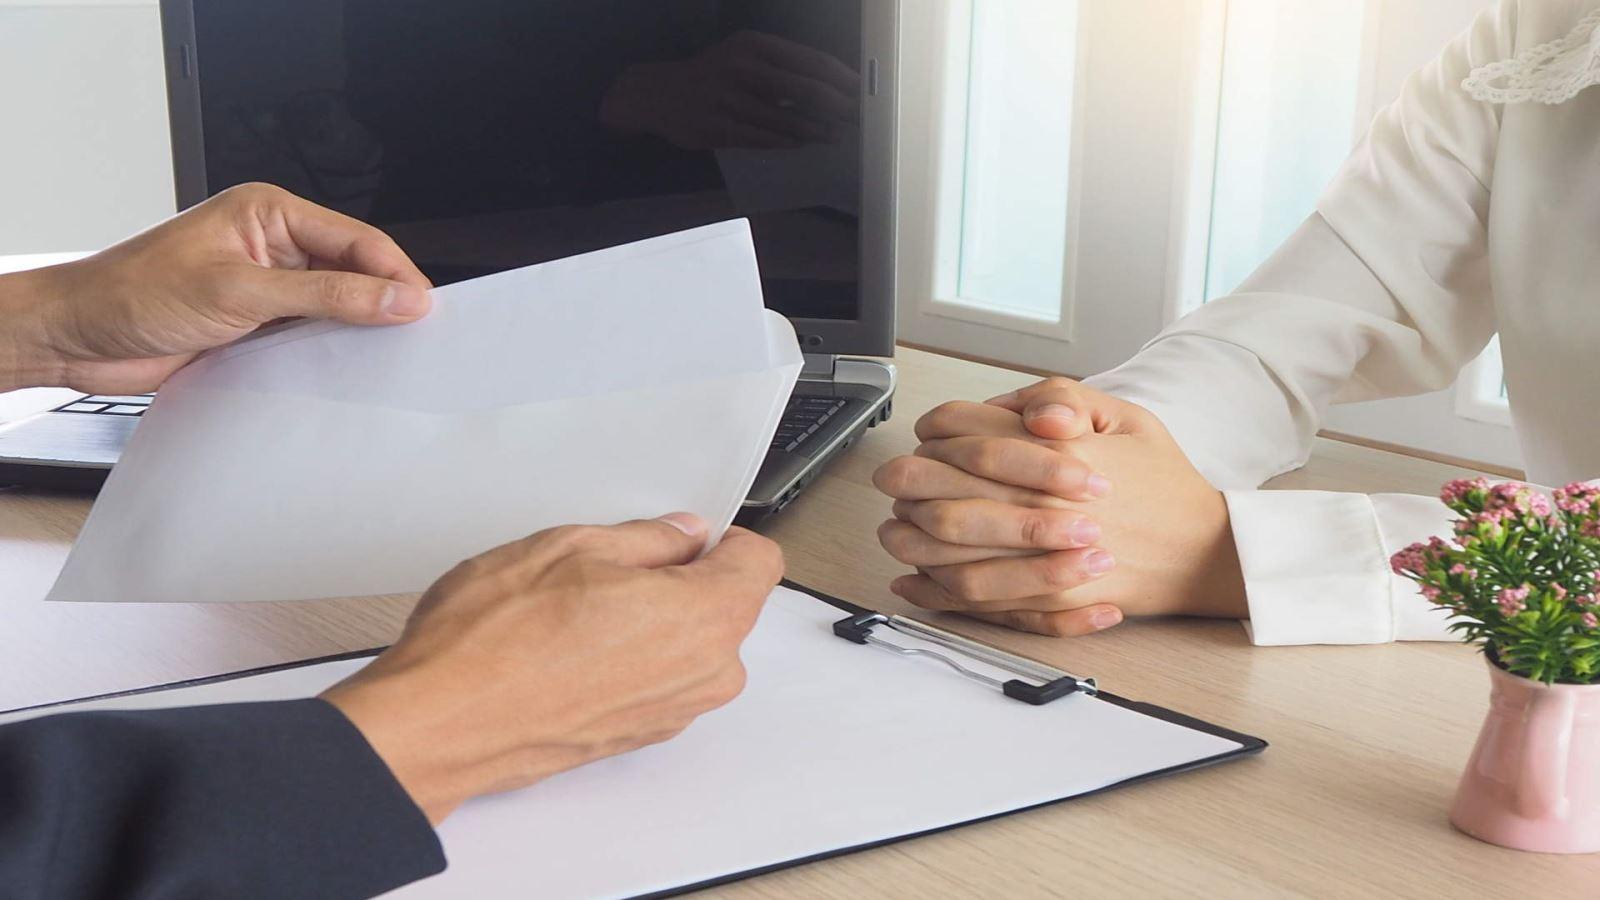 מעסיק מגיש לעובד מכתב פיטורים